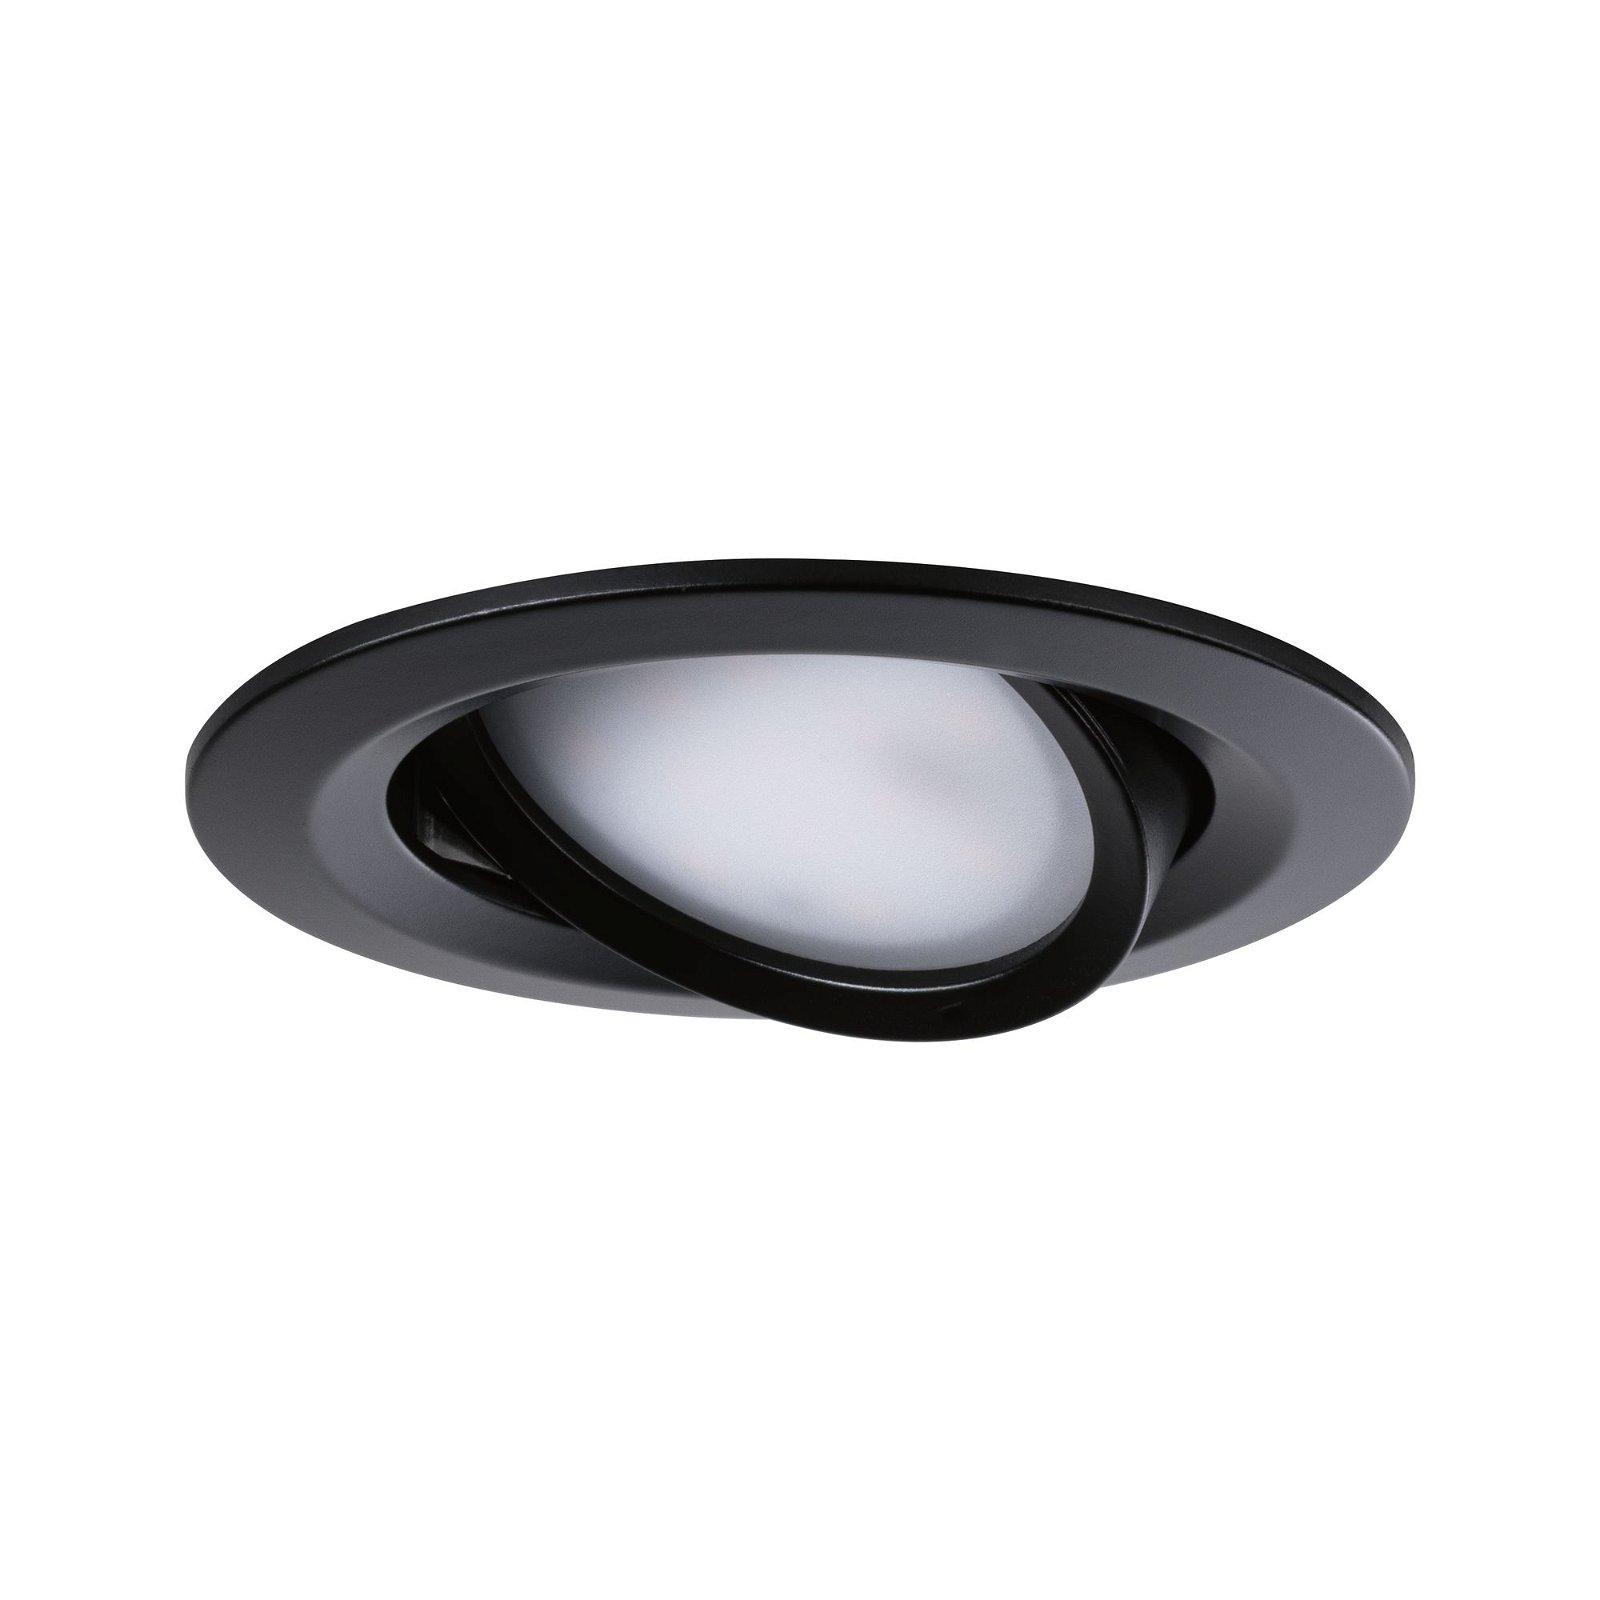 LED Einbauleuchte Nova Coin Basisset schwenkbar rund 84mm 50° Coin 3x6,5W 3x460lm 230V 2700K Schwarz matt